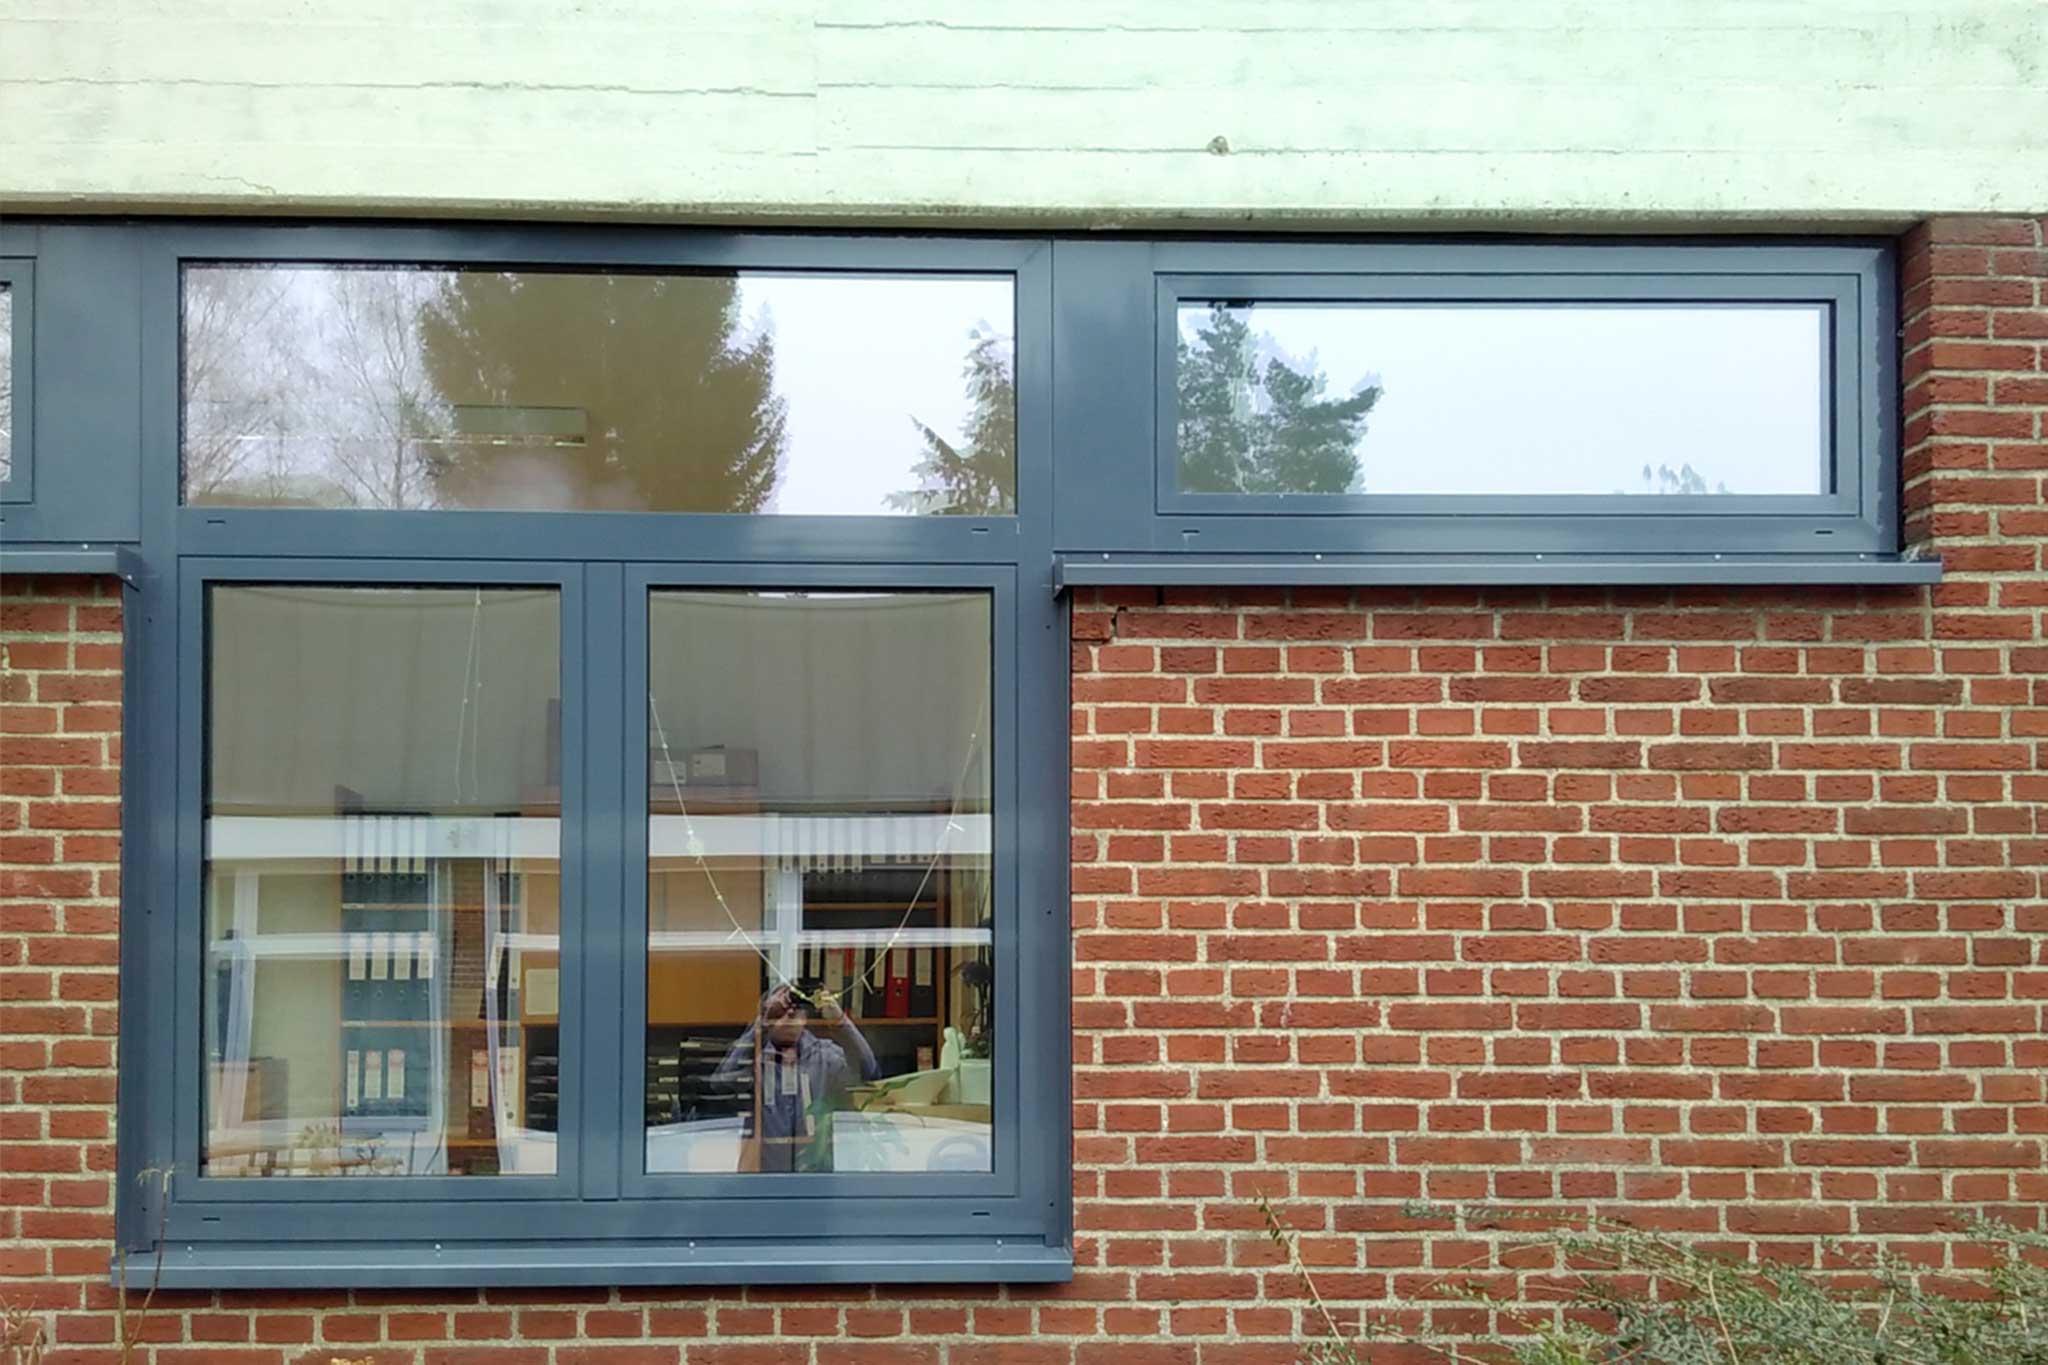 Kindergarten Sankt Matthias, Bestand mit neuen Fenstern